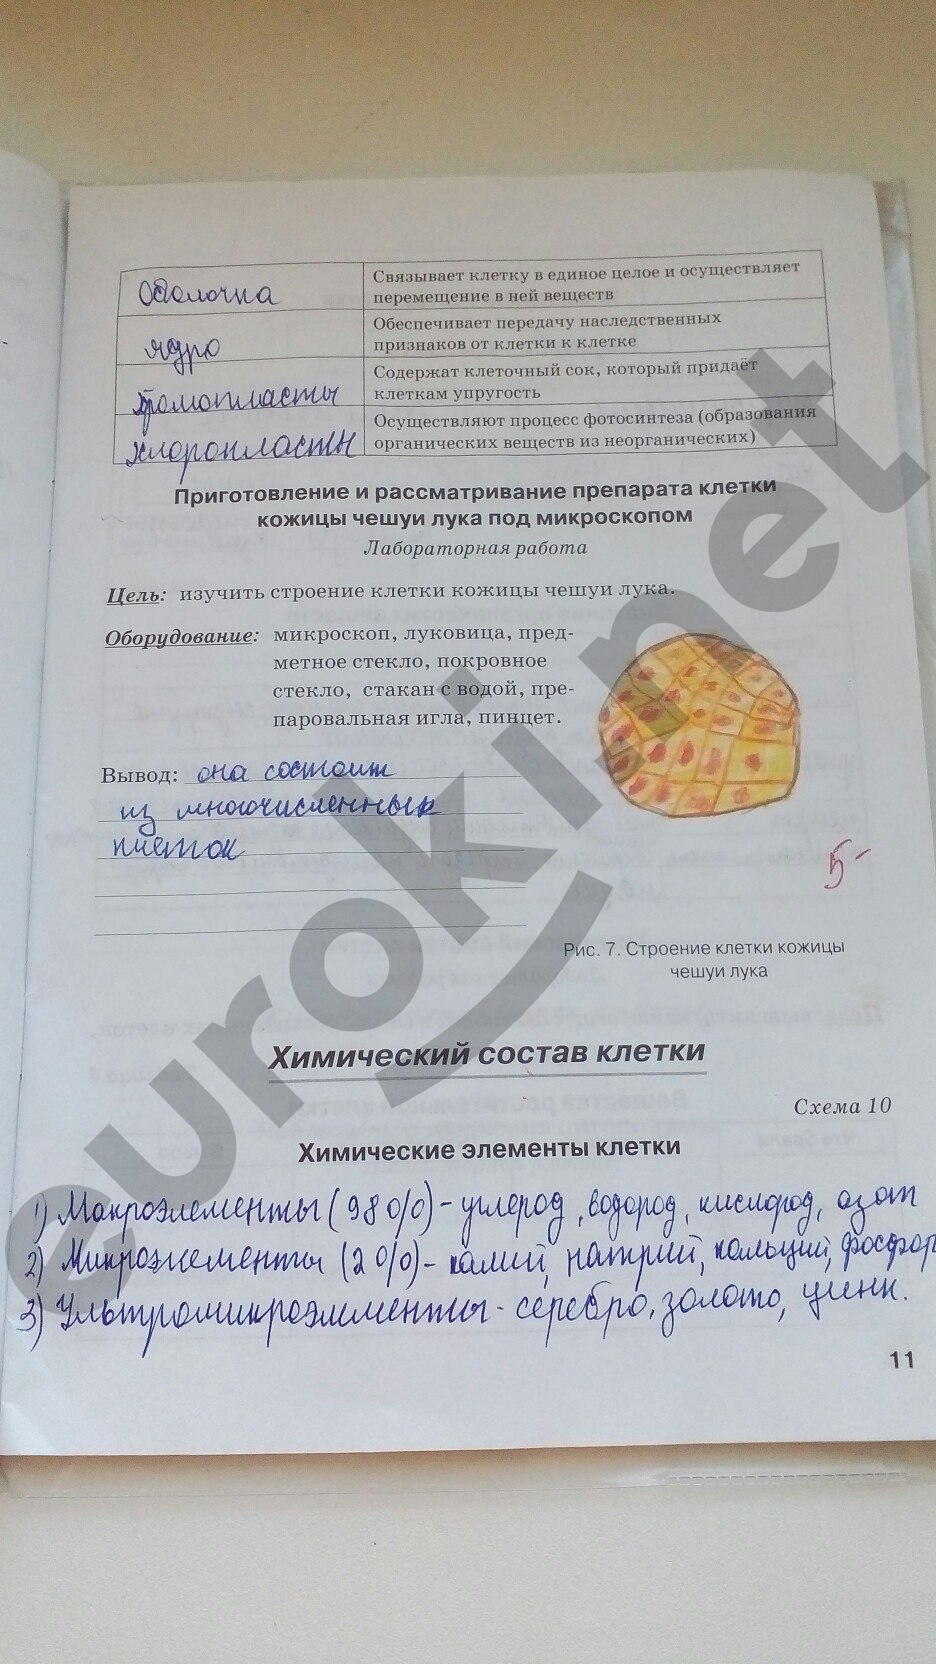 ГДЗ по биологии 5 класс рабочая тетрадь Бодрова. Задание: стр. 11